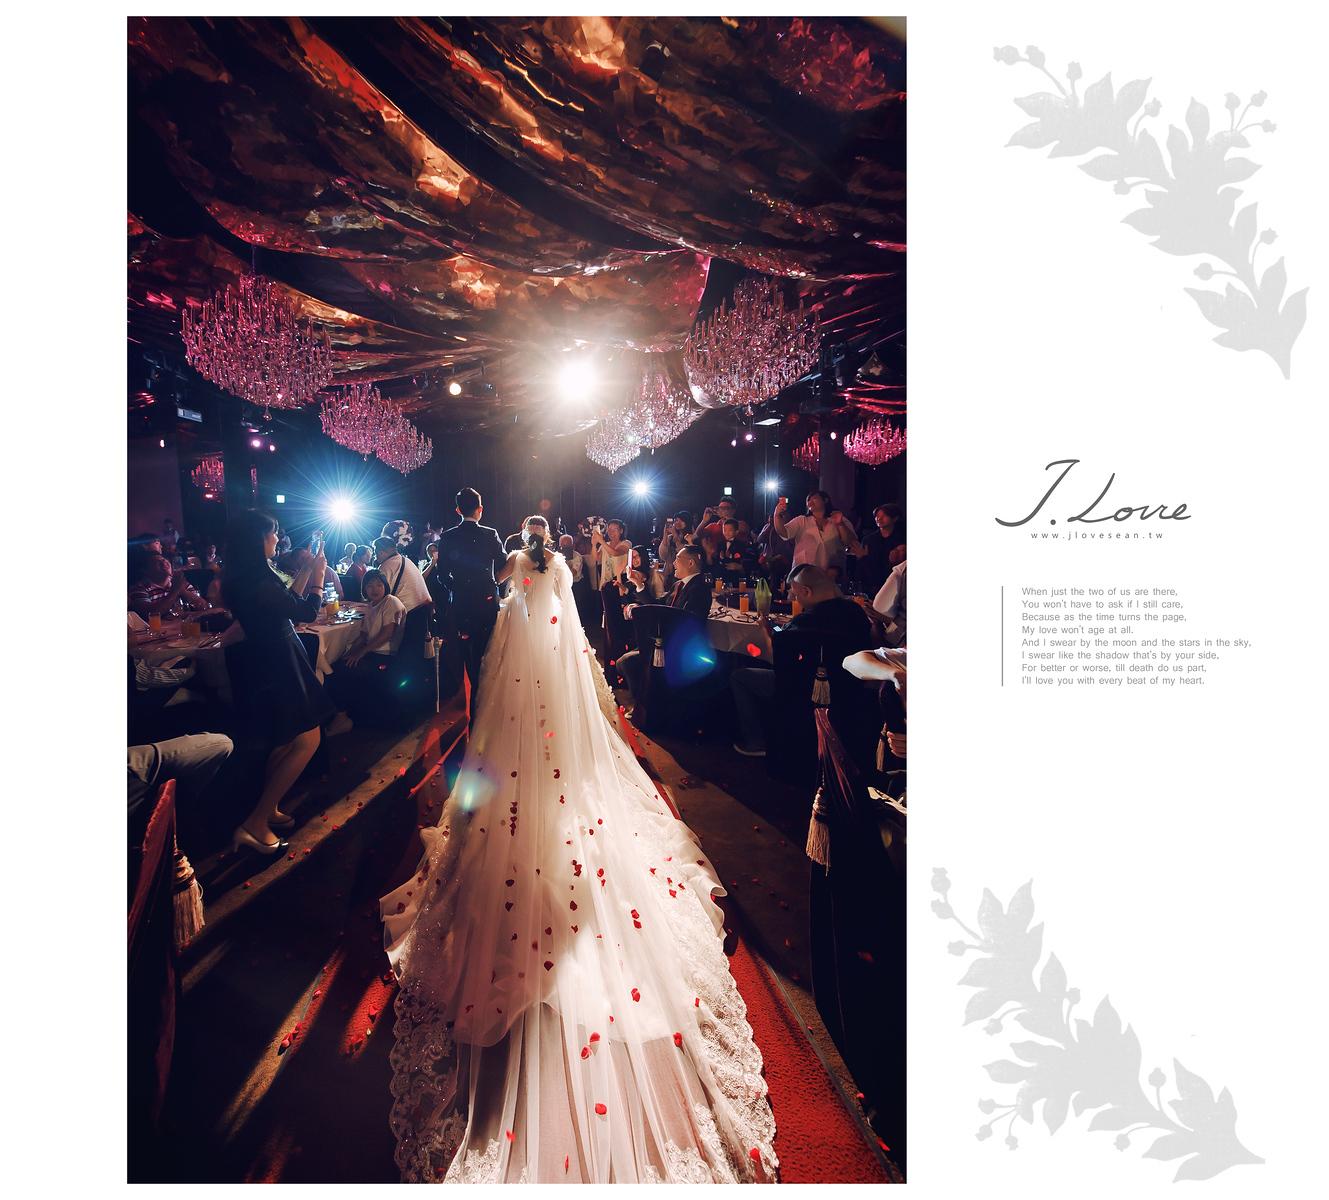 婚攝小刀,婚攝,結婚儀式,婚禮攝影,平面攝影,君品酒店